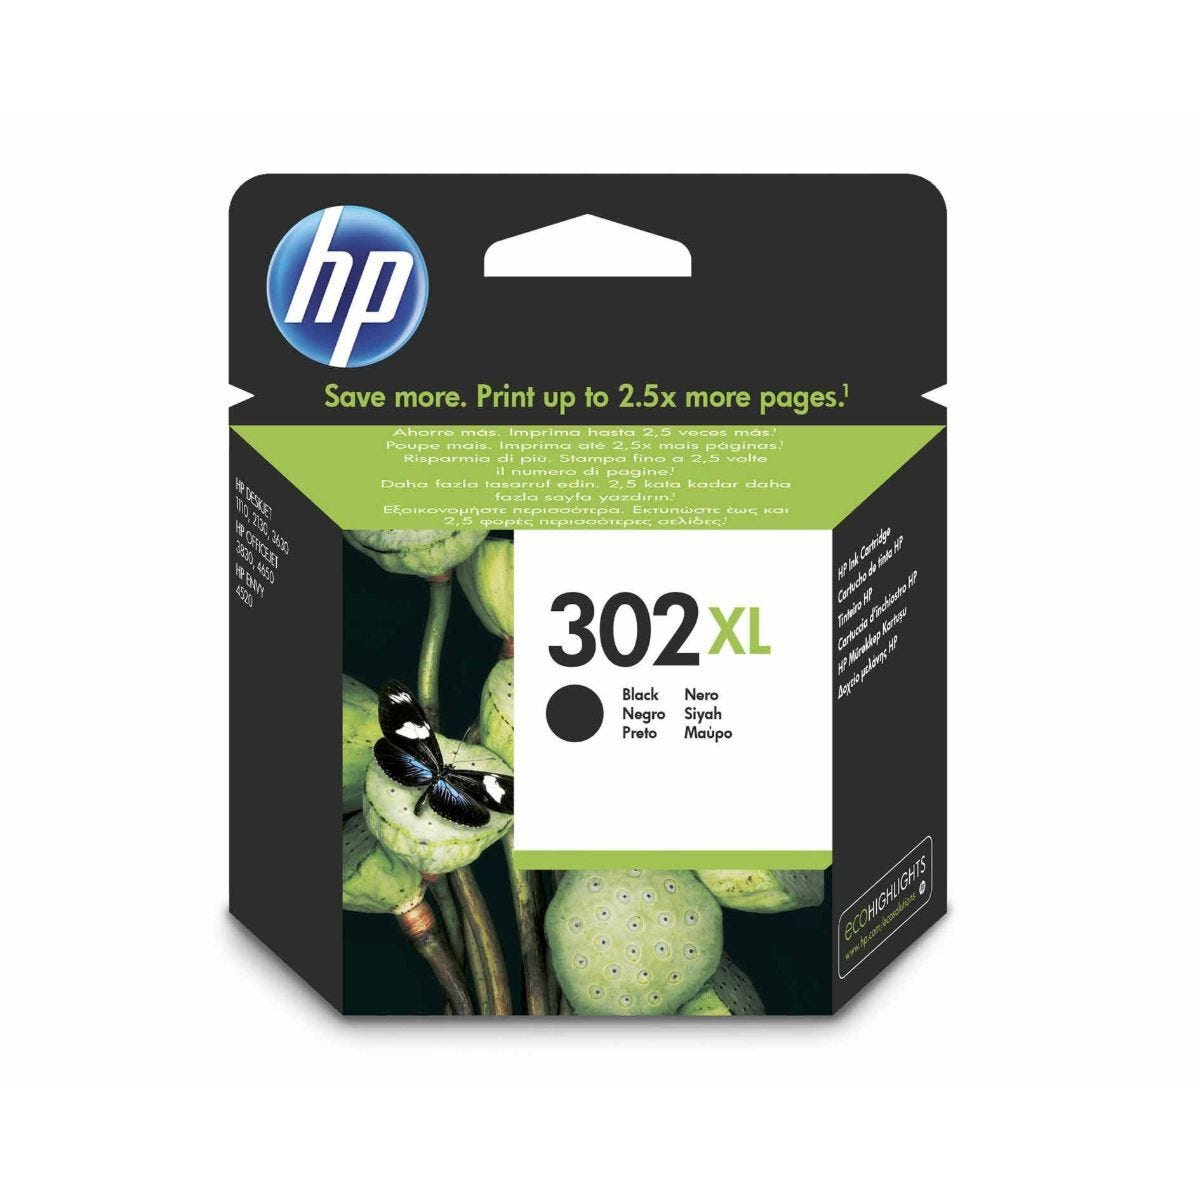 HP 302XL Ink Cartridge Black